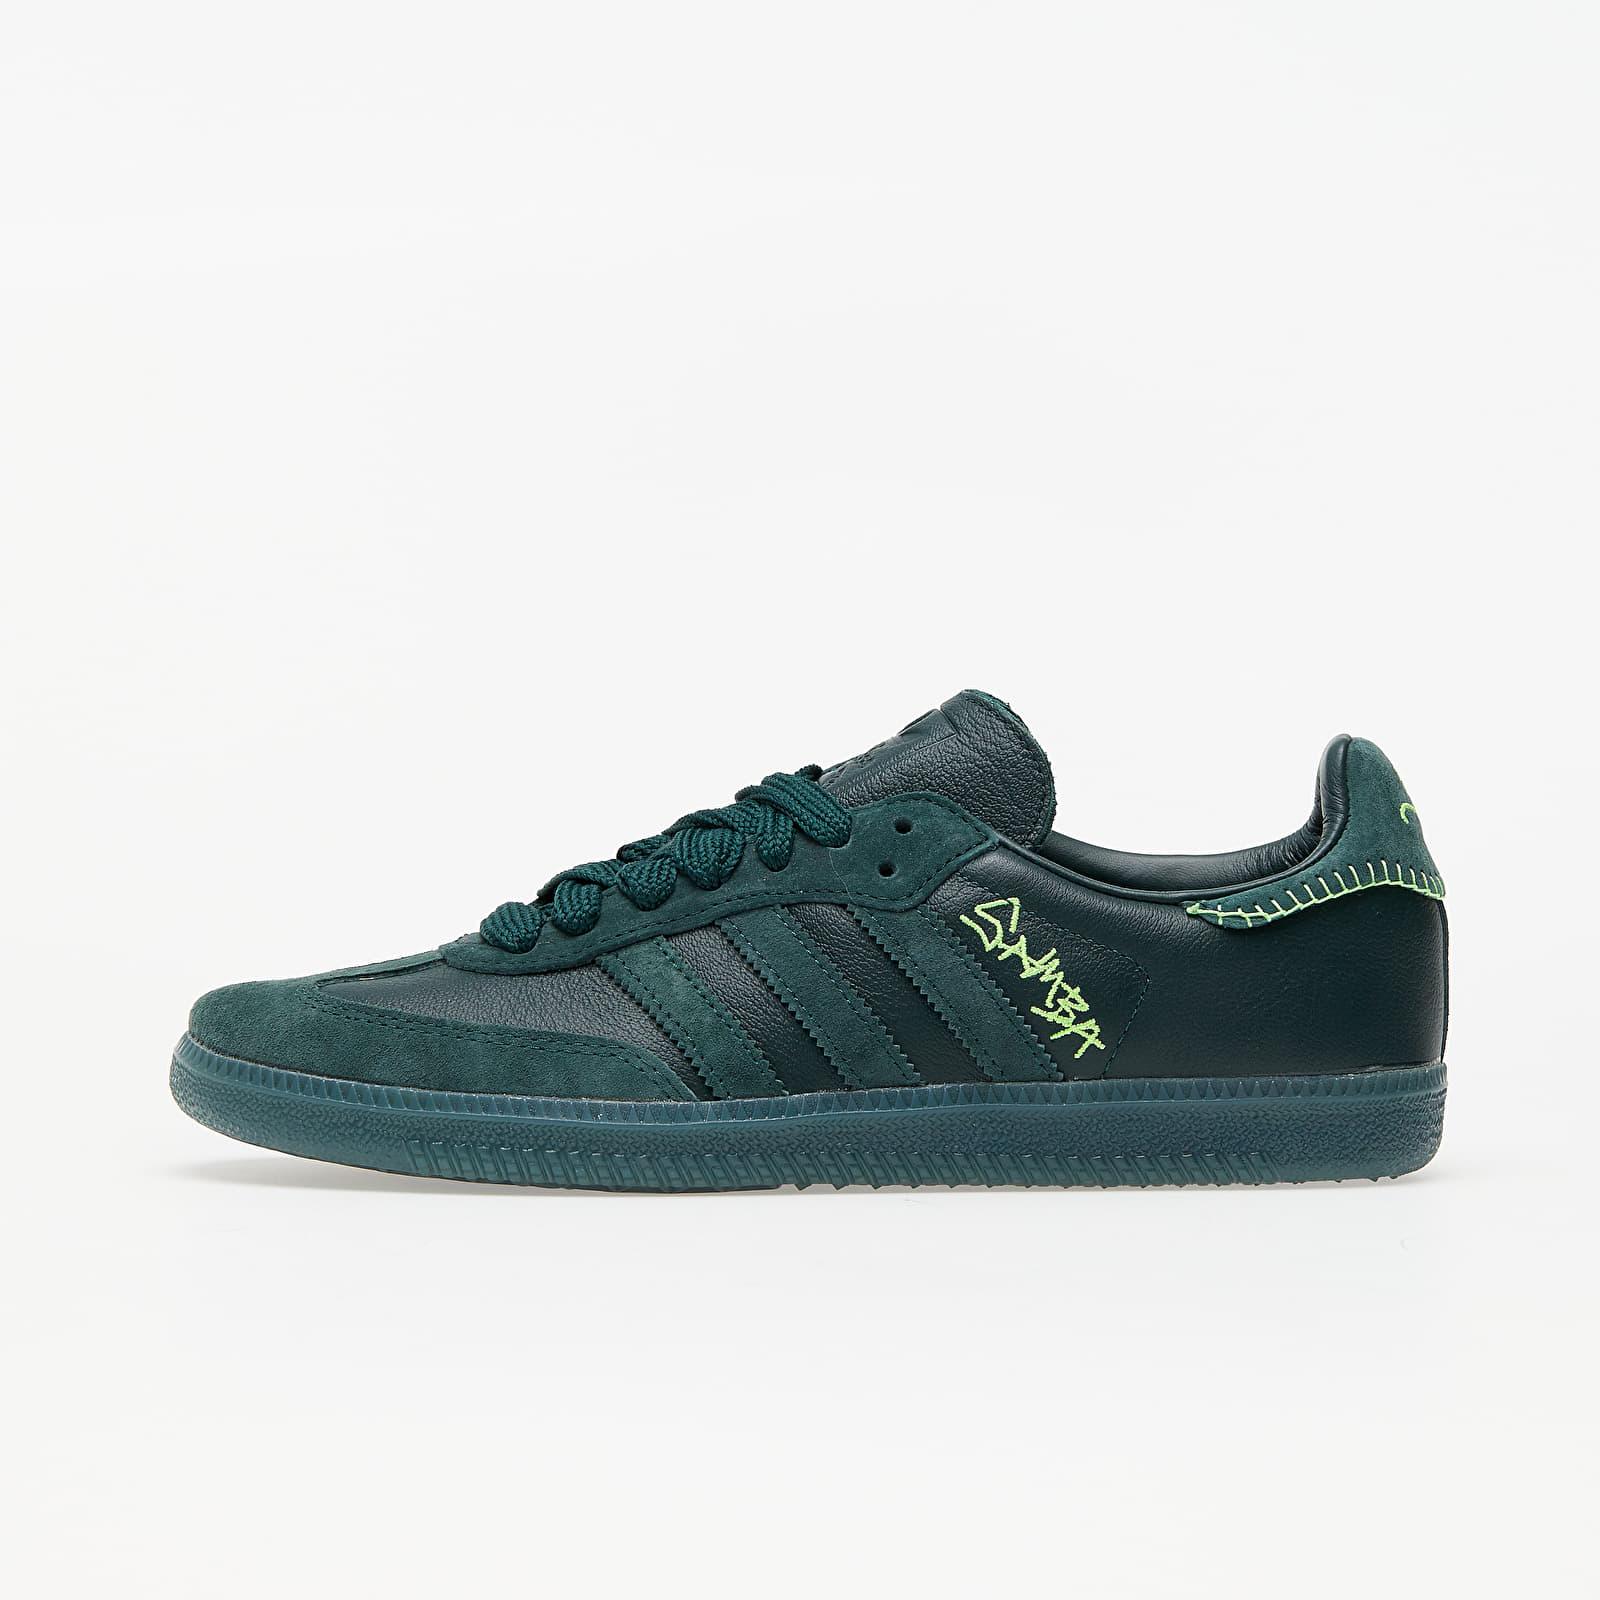 Men's shoes adidas x Jonah Hill Samba Green Night F17/ Mineral Green/ Ecru Tint